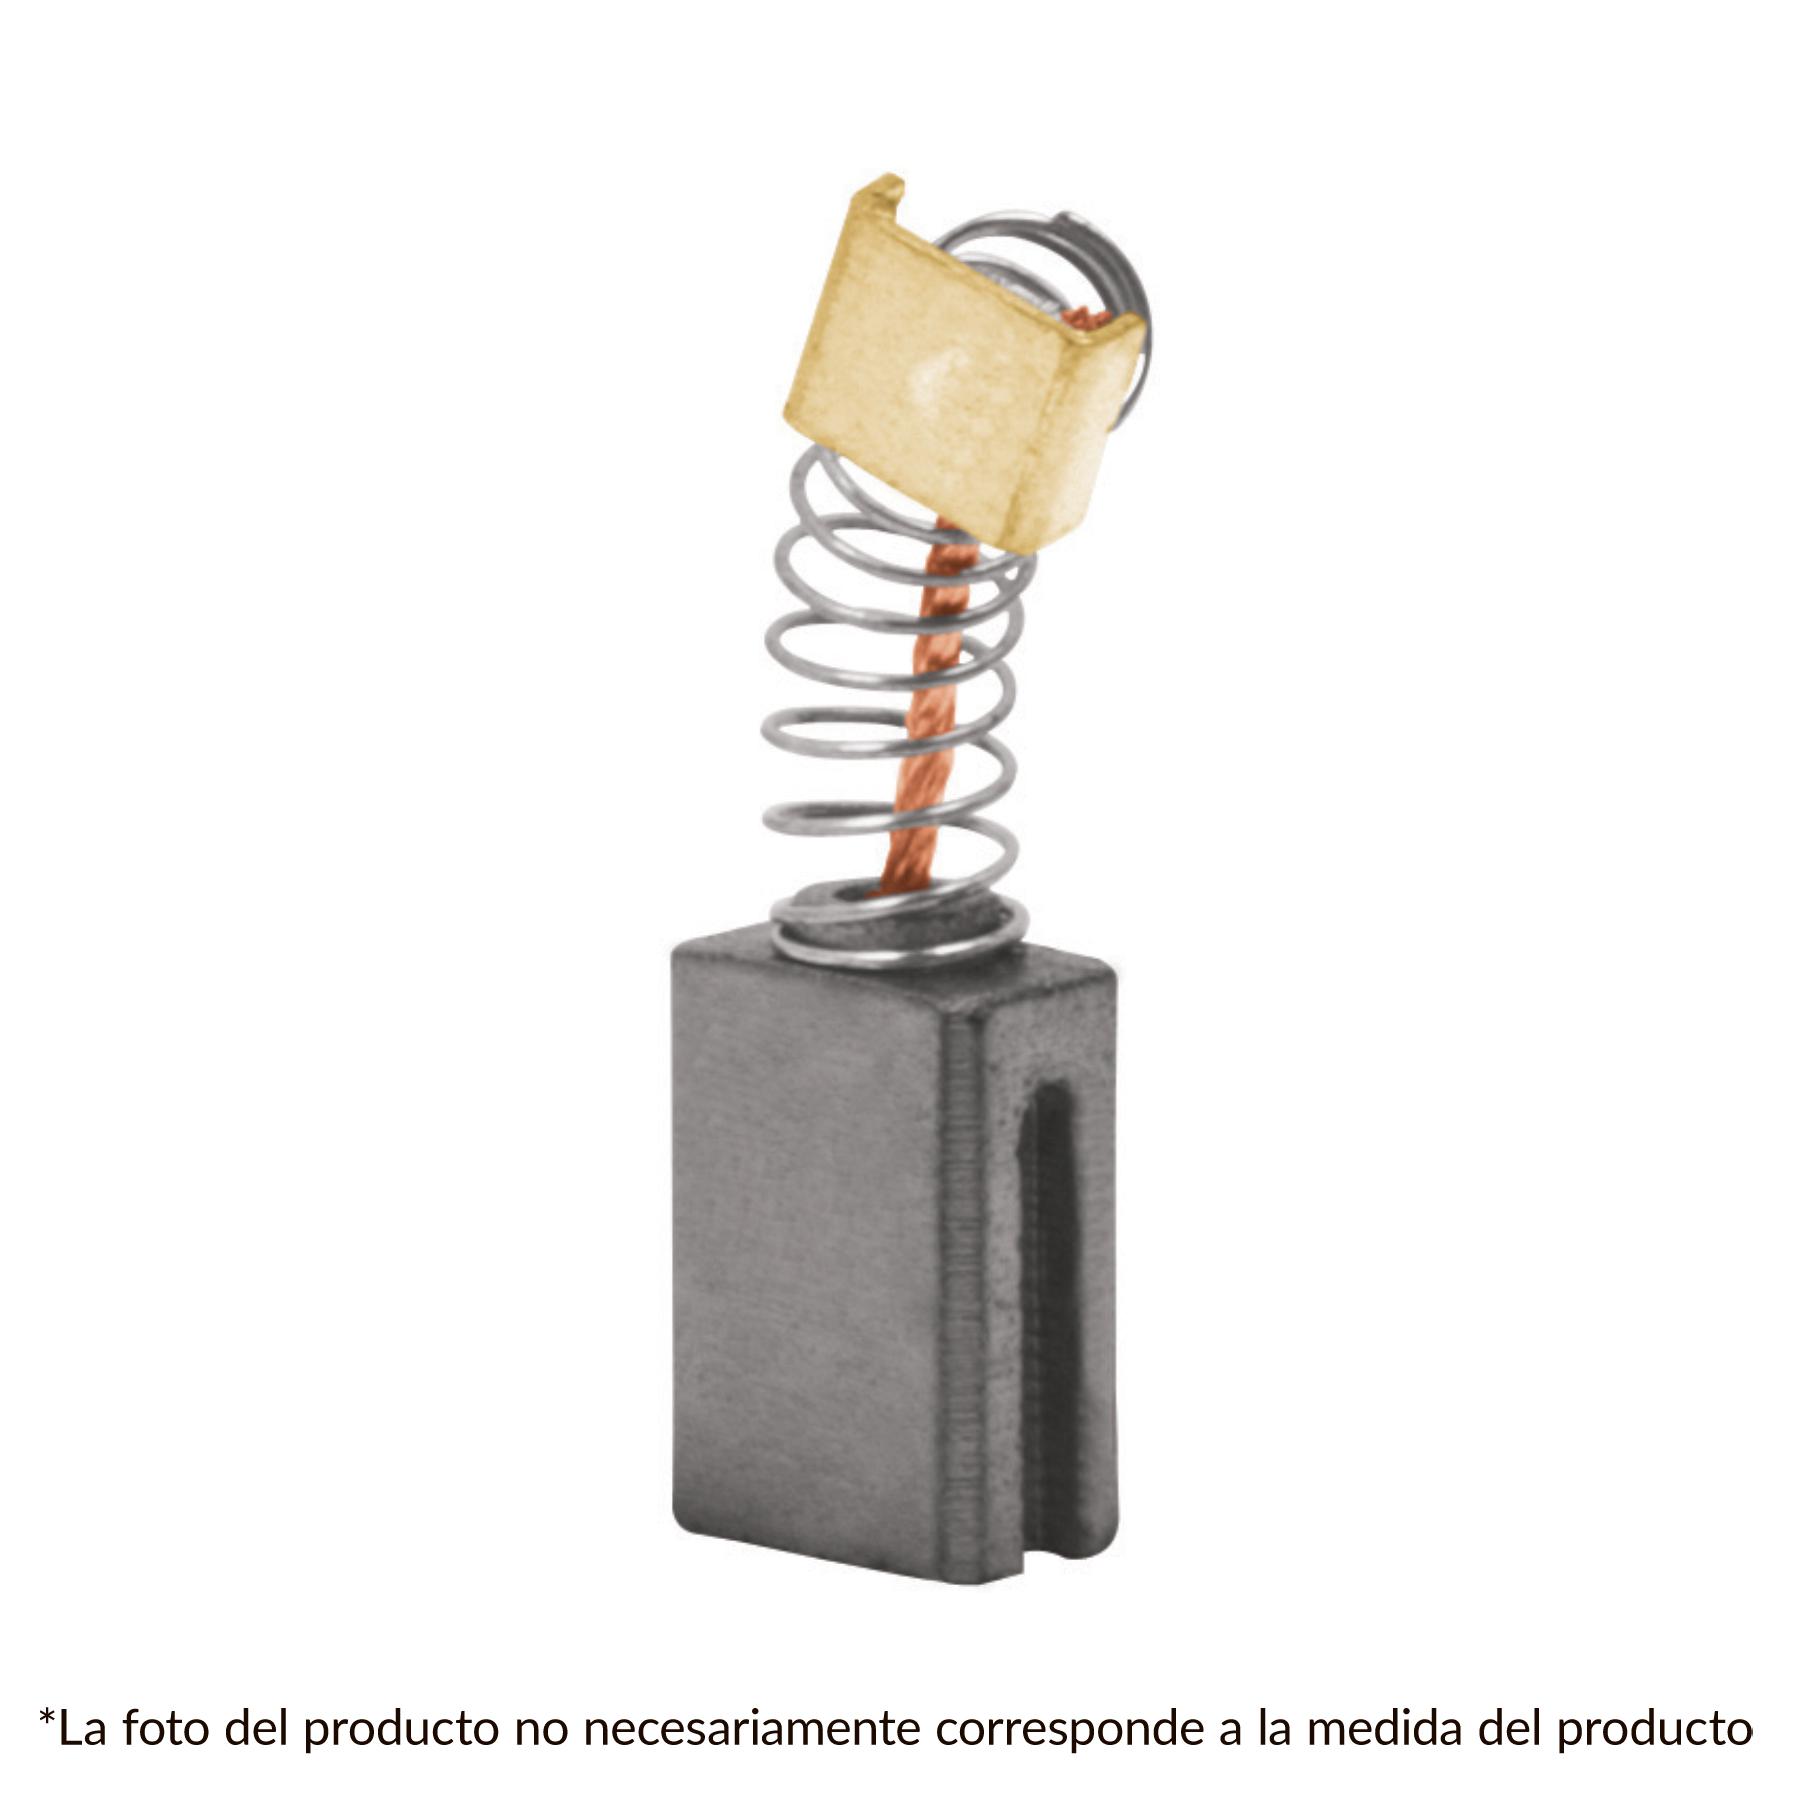 Carbones de repuesto para lijadora, LIOR-1/4A2